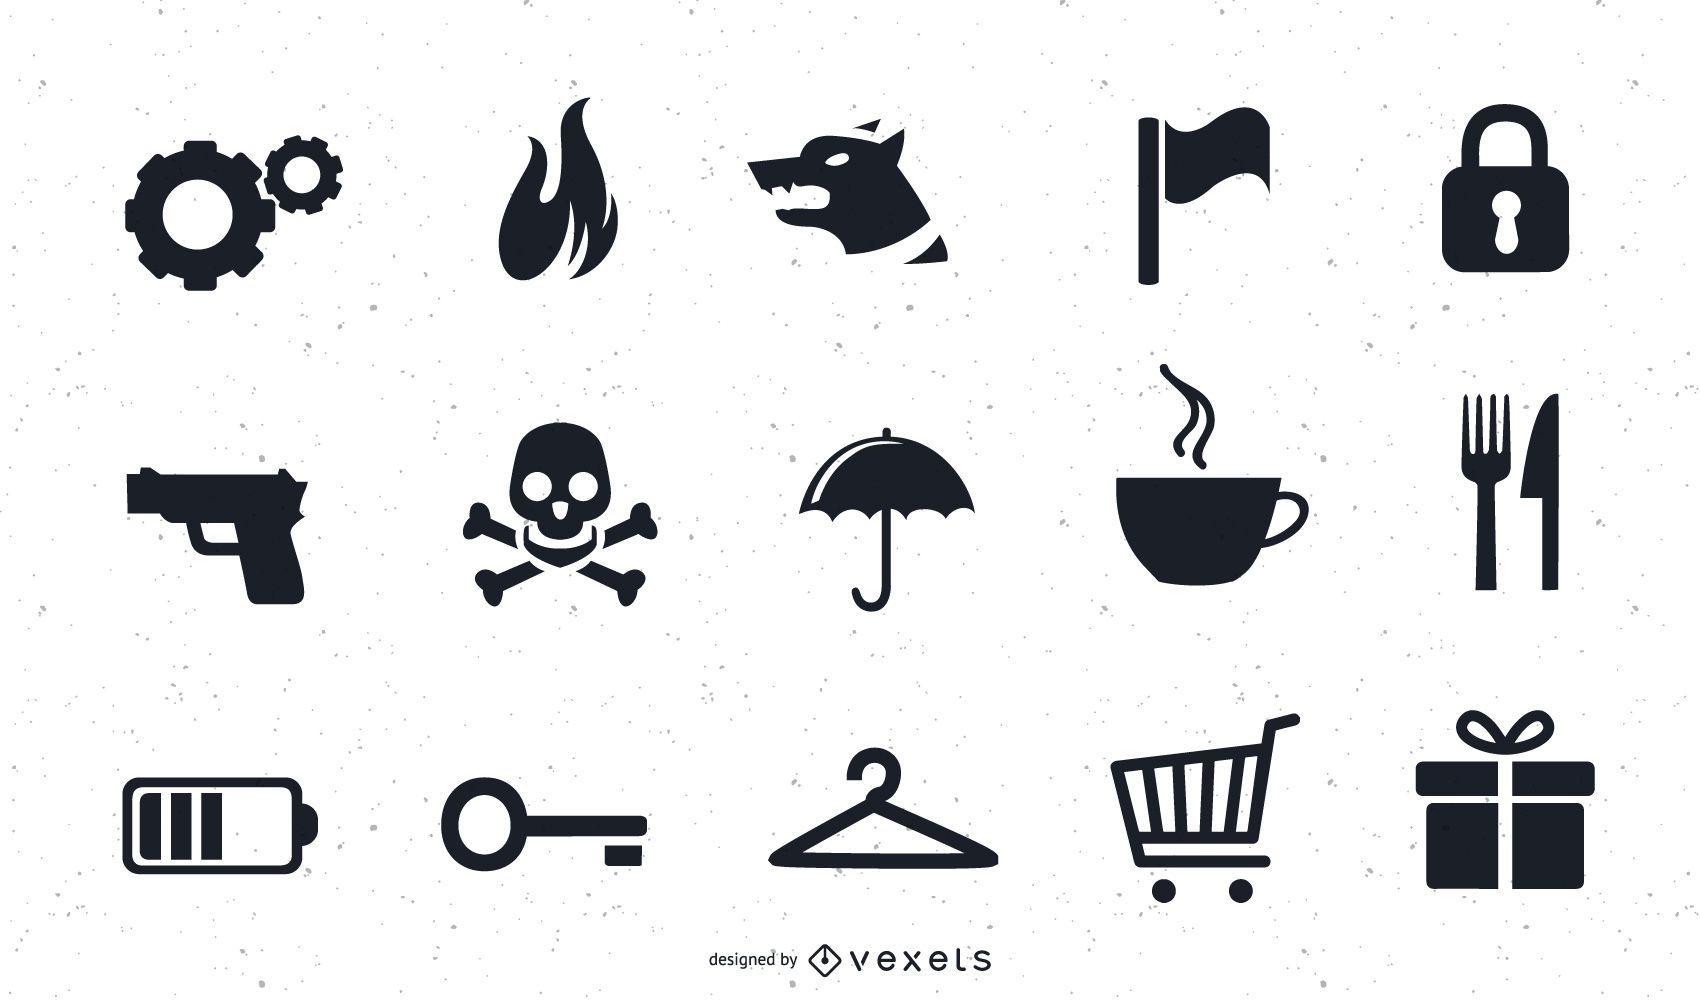 Varios iconos vectoriales arte